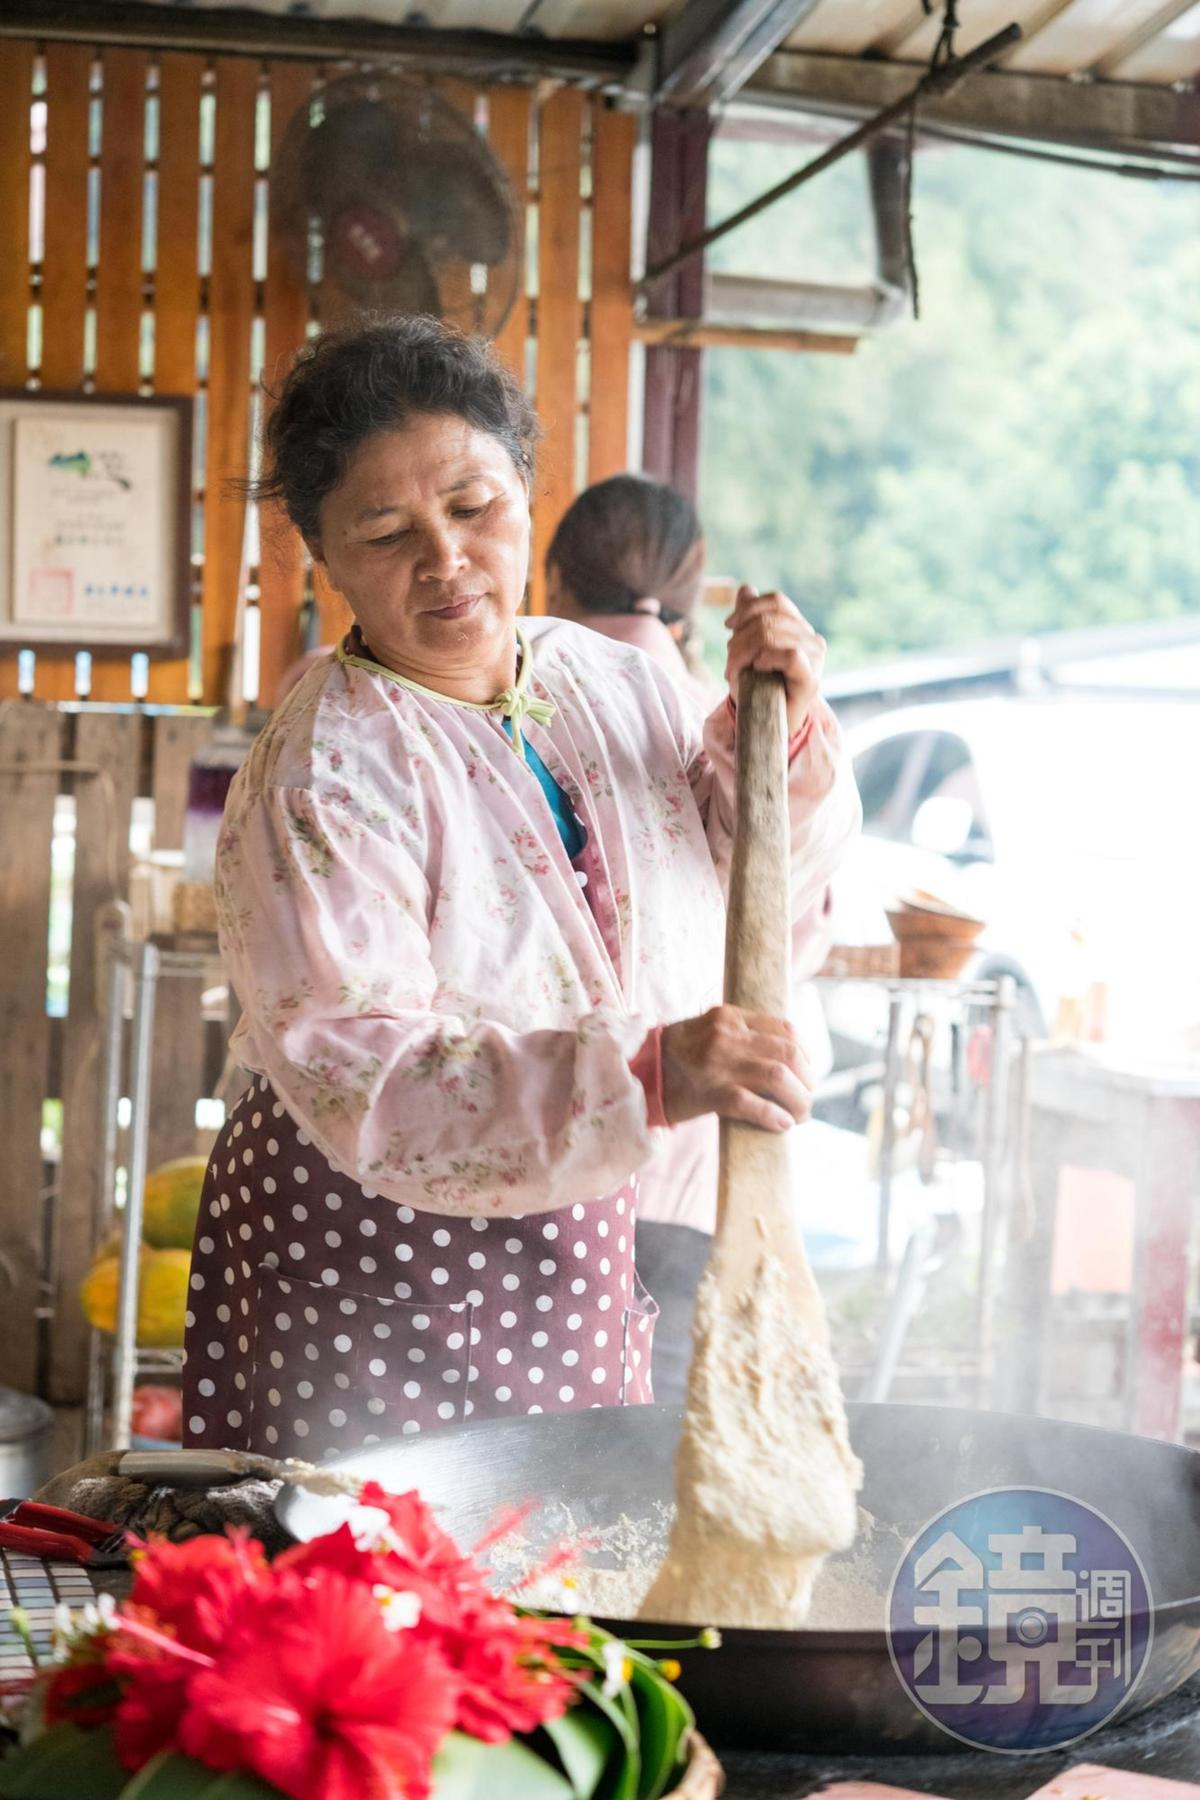 小米經由炭火慢慢攪拌,是很耗時費工的一道米食。